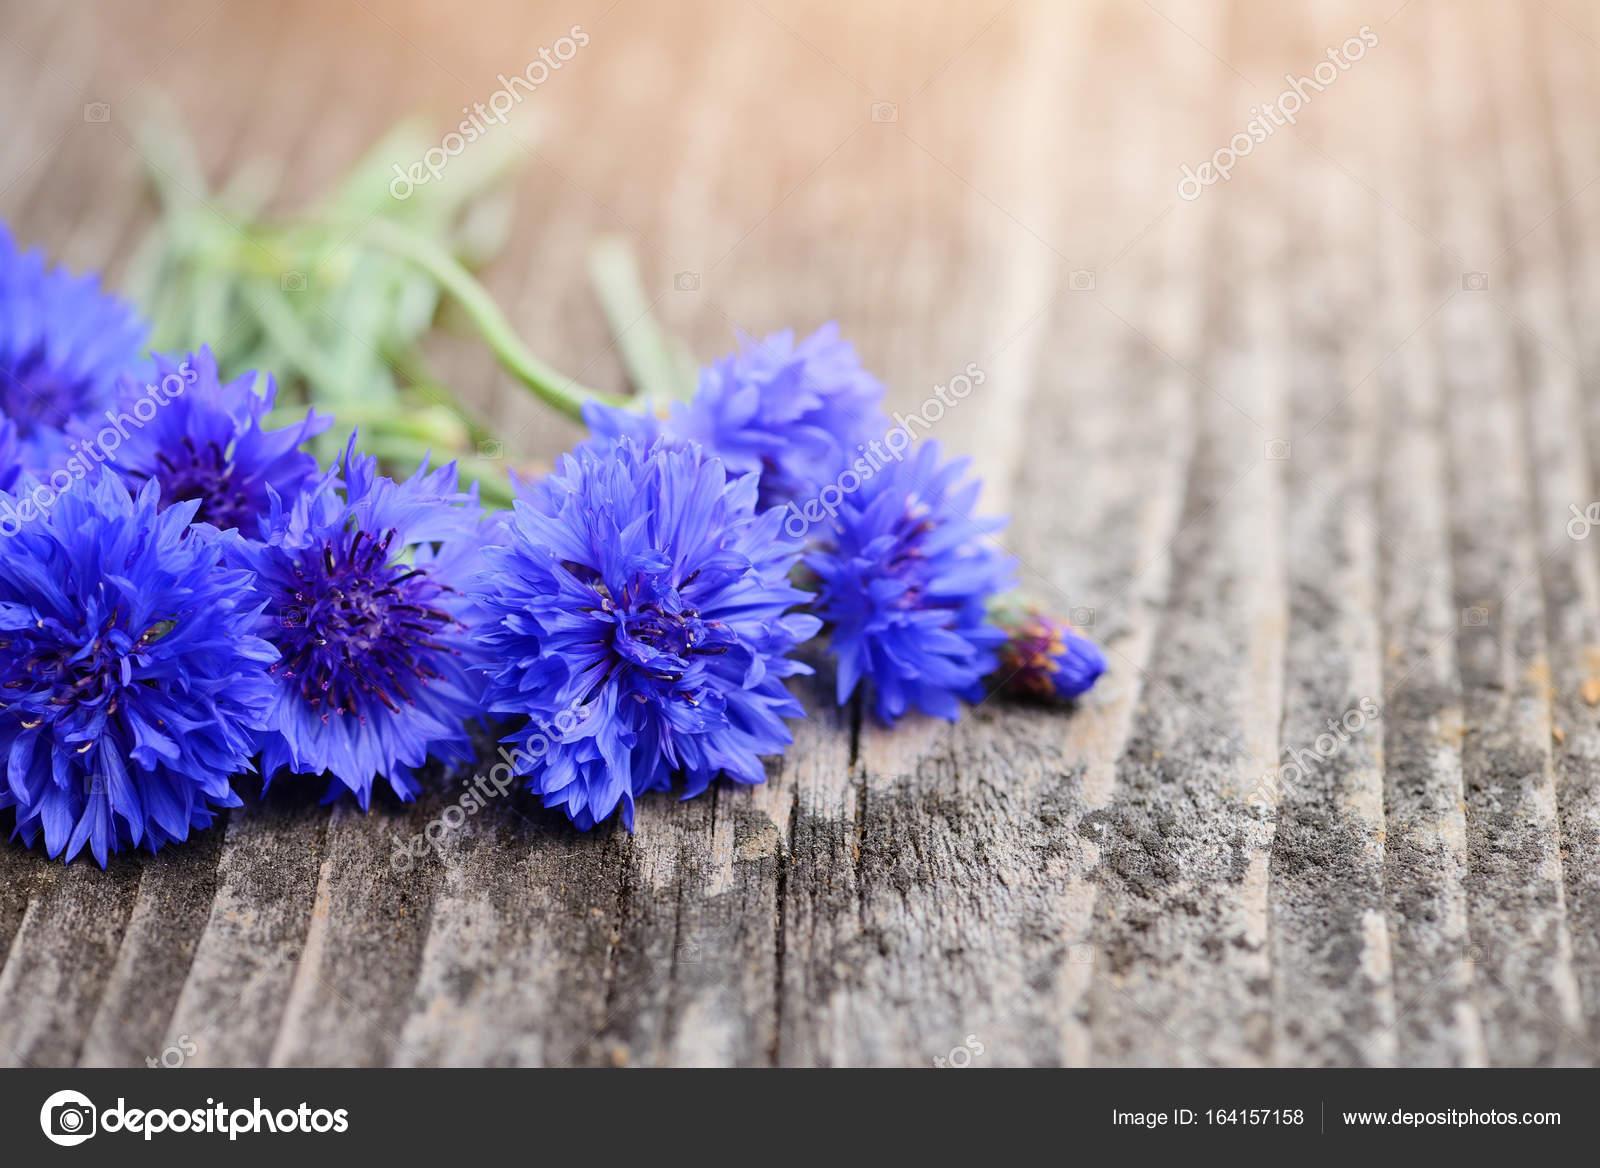 Cornflower Blue Flowers Centaurea Cyanus On An Old Wooden Tabl